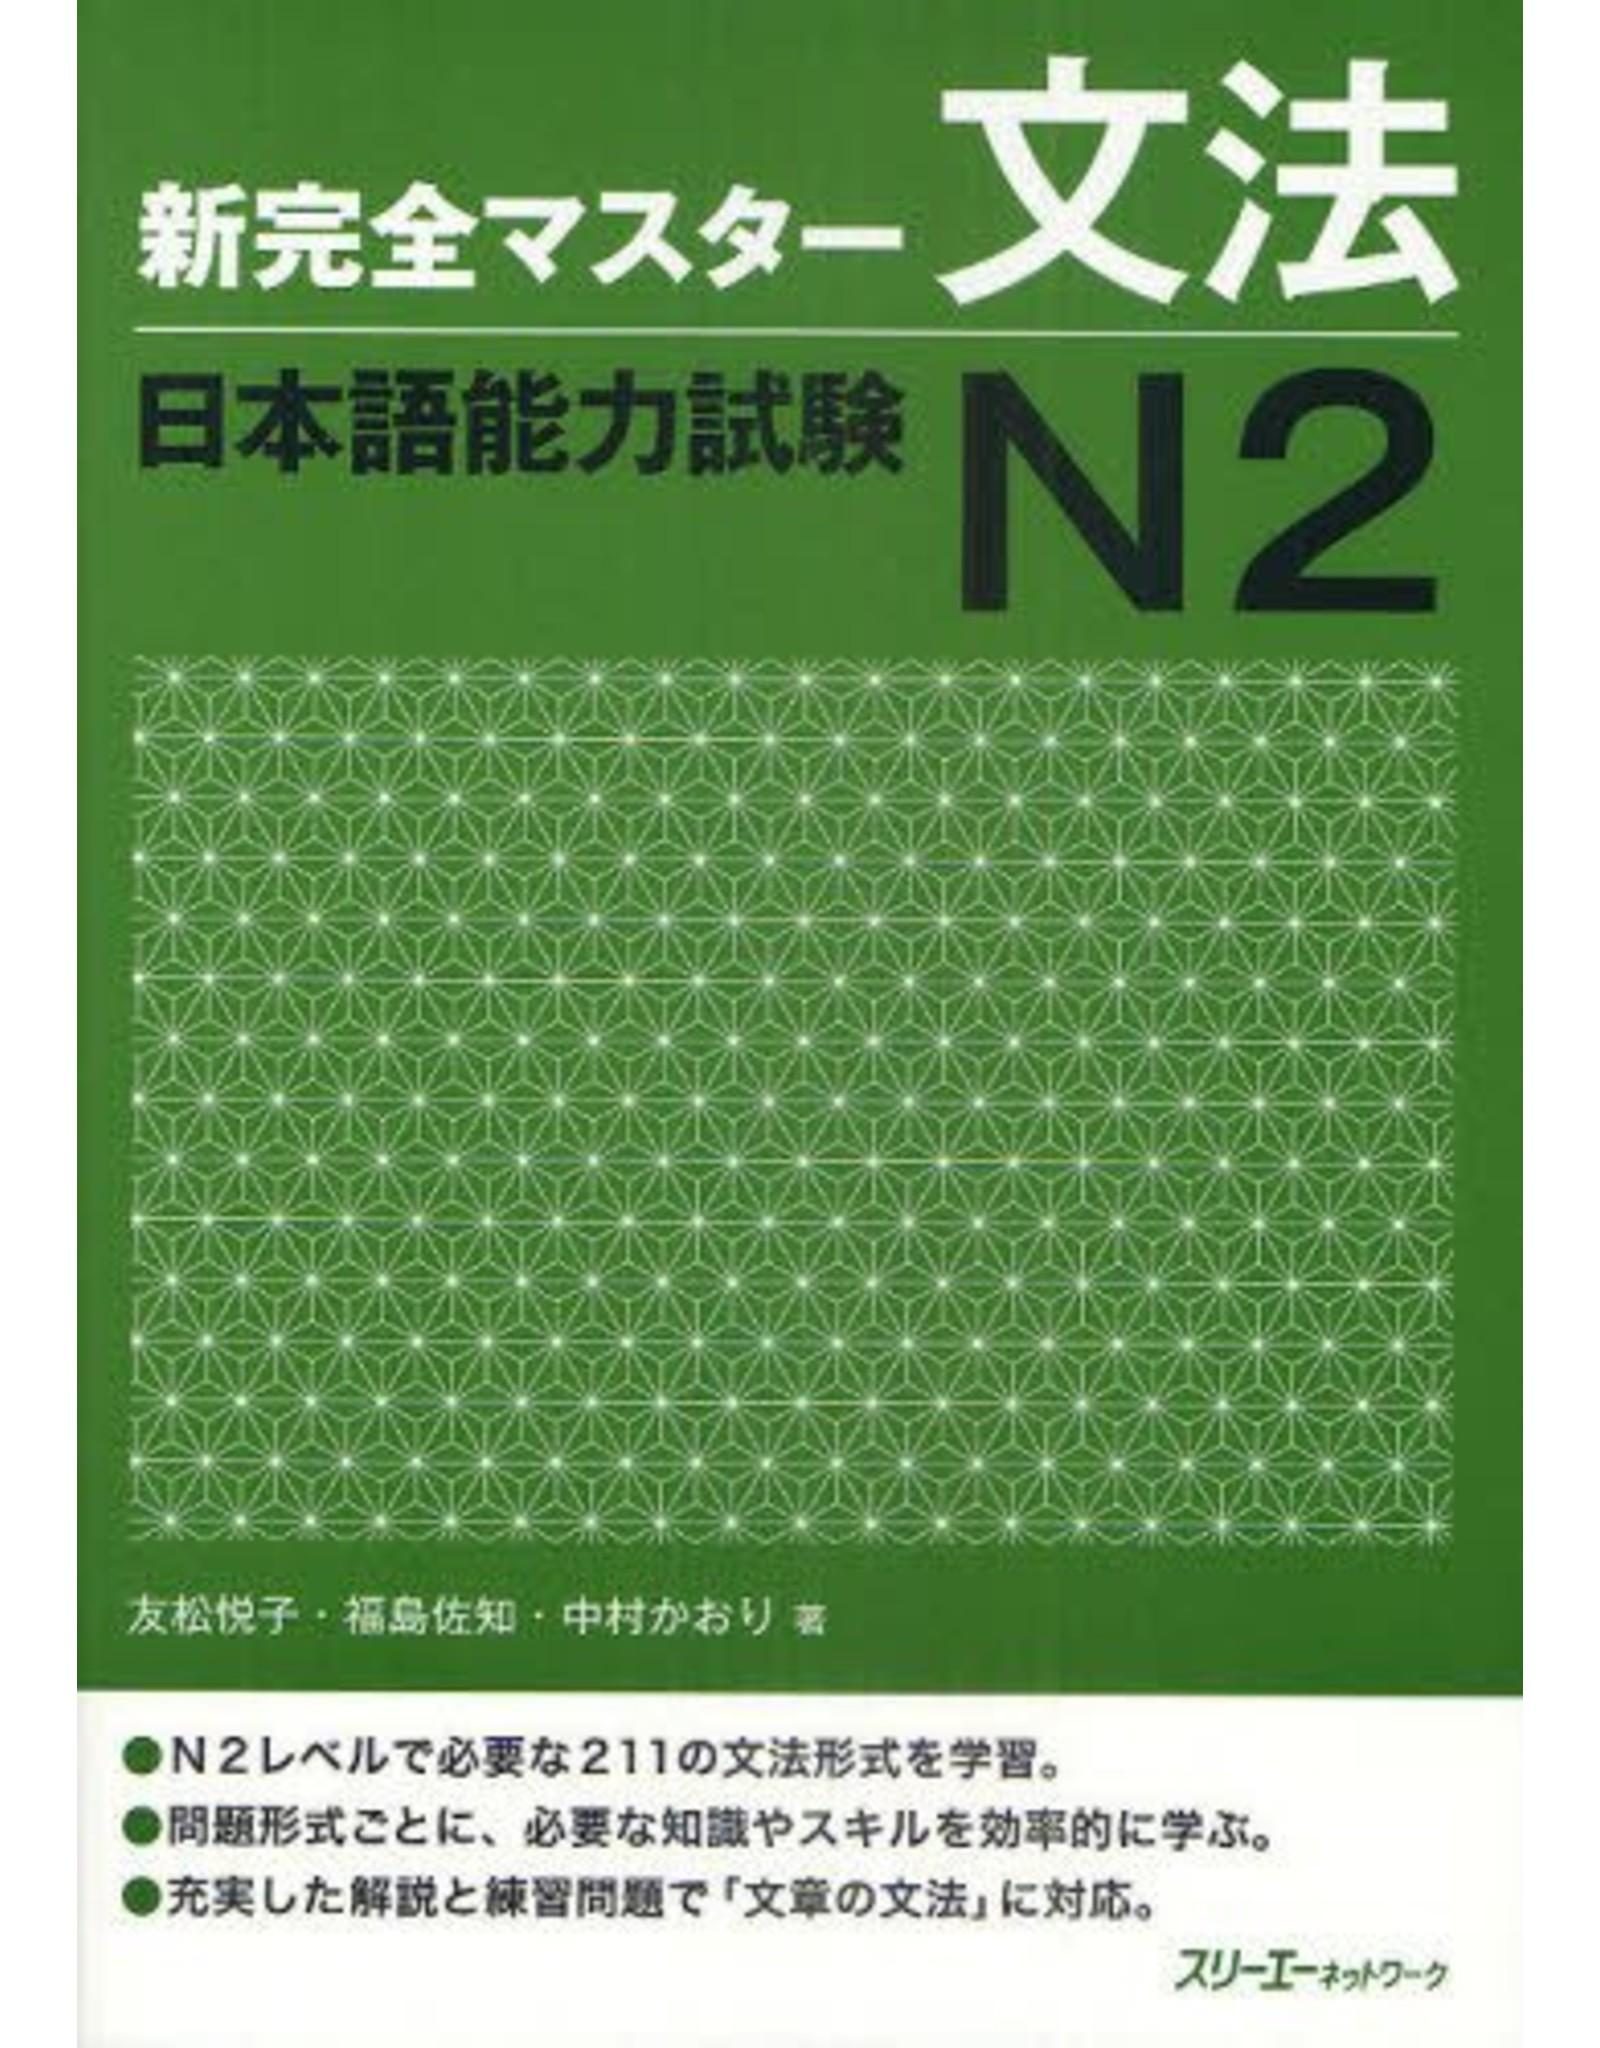 3A Corporation NEW KANZEN MASTER JLPT N2 BUNPO